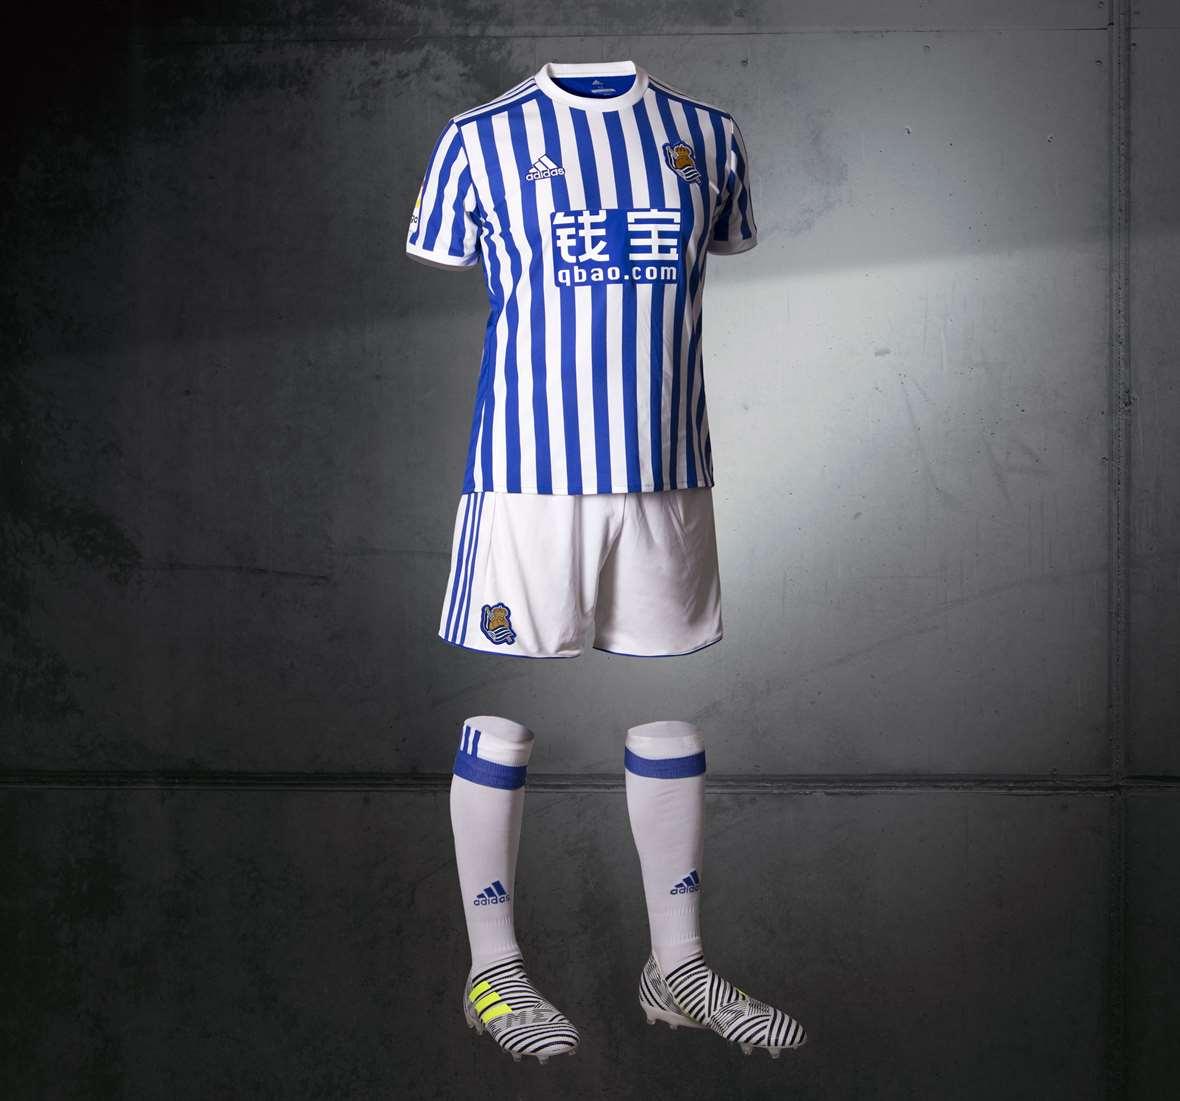 Domar Céntrico Destino  Presentadas las camisetas adidas de la Real Sociedad 2017/18 – La Jugada  Financiera